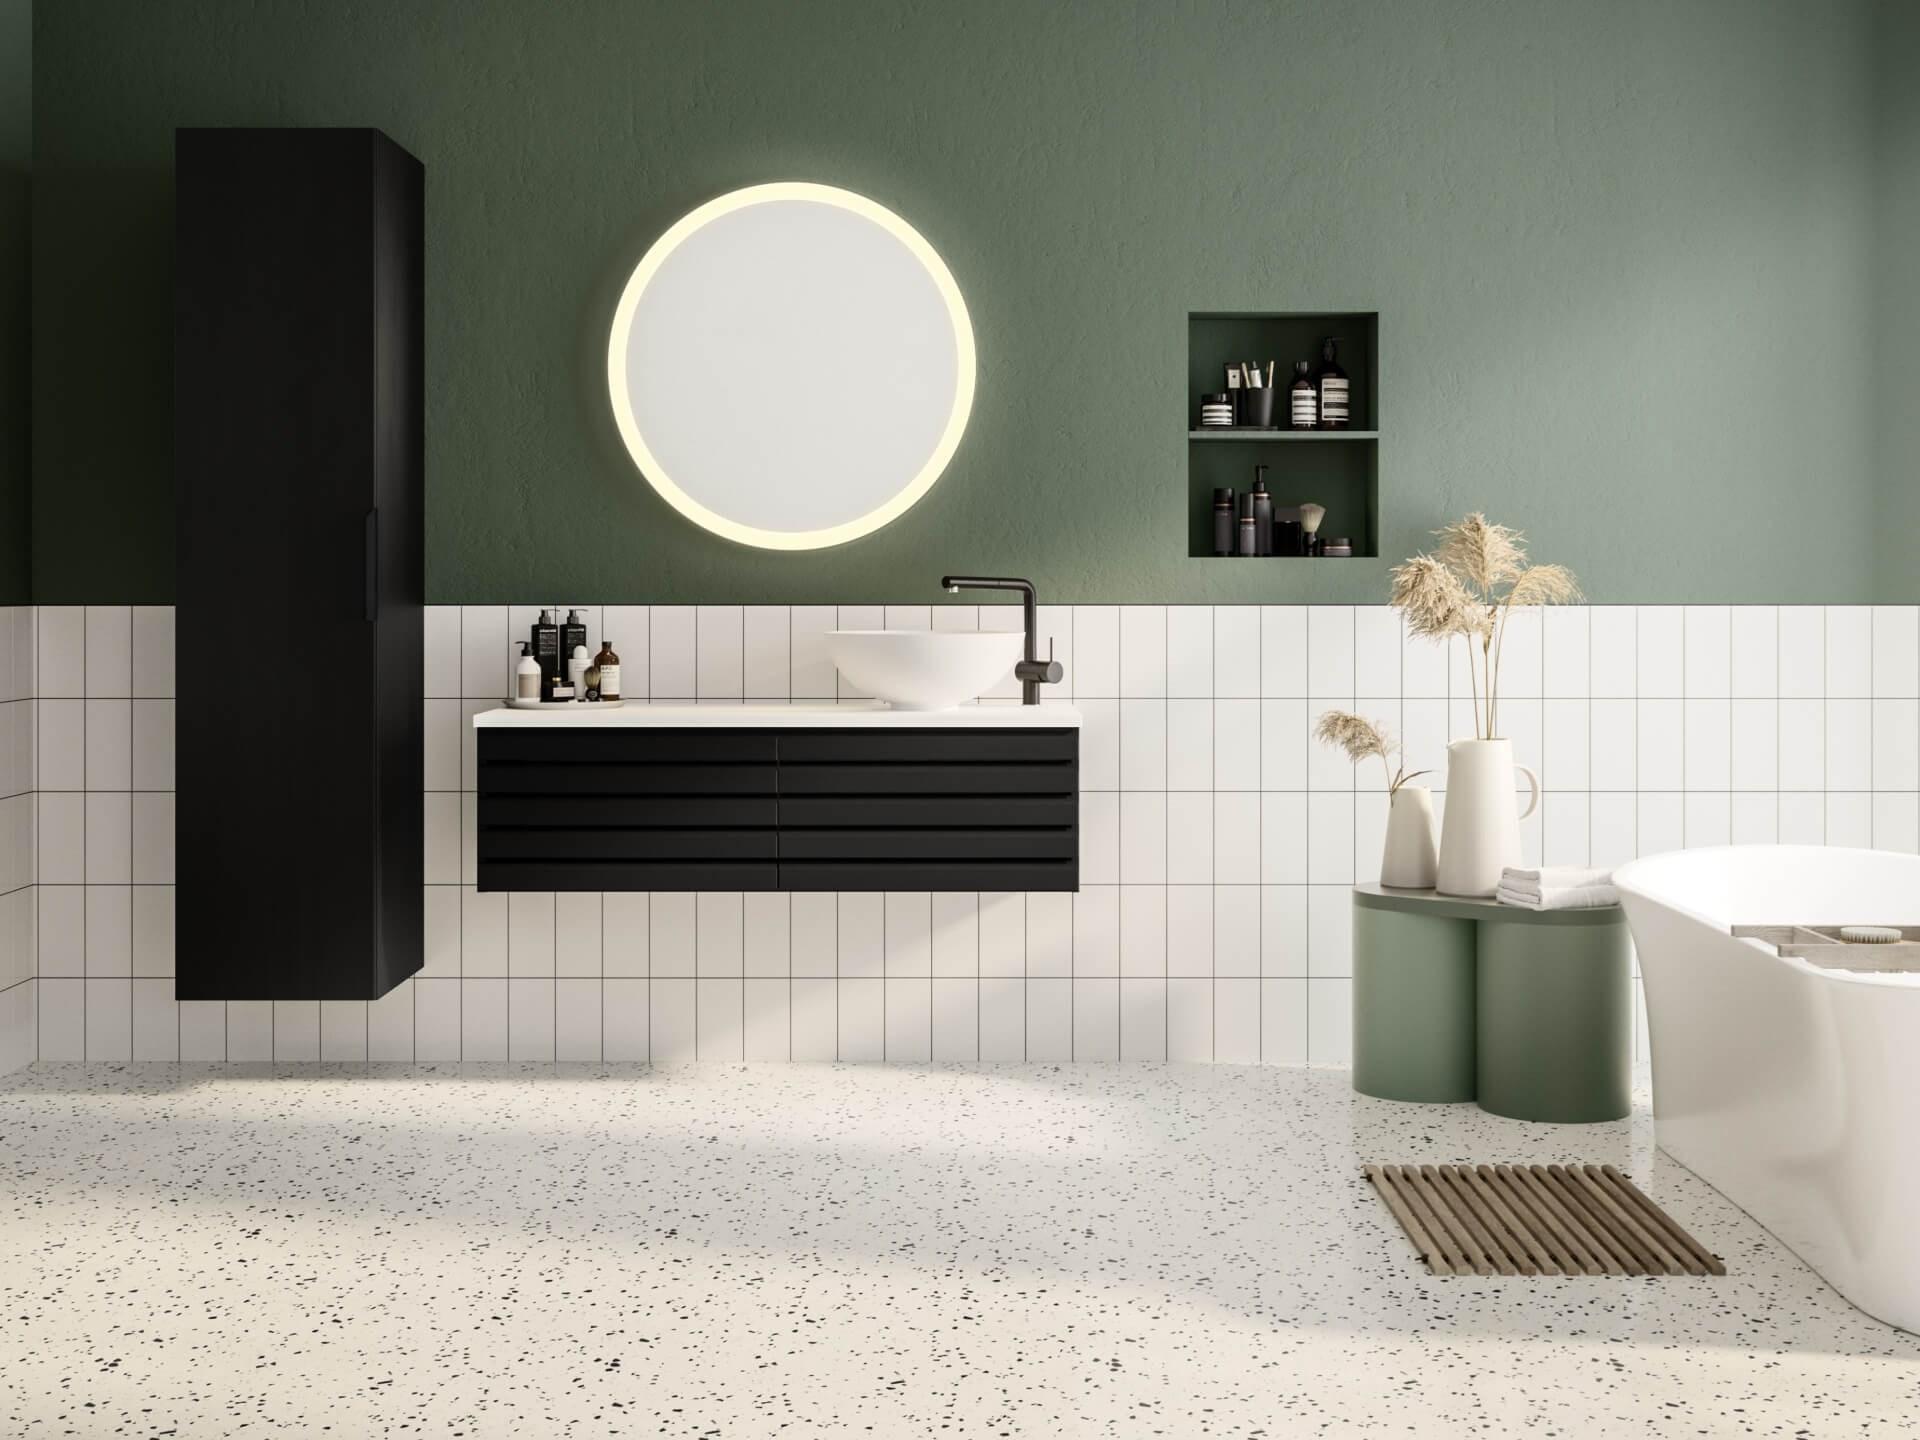 Miljøbilde servantskap Linn Bad Selma 120 og høyskap i sortmalt eik. Terrazzo gulv og grønne detaljer.